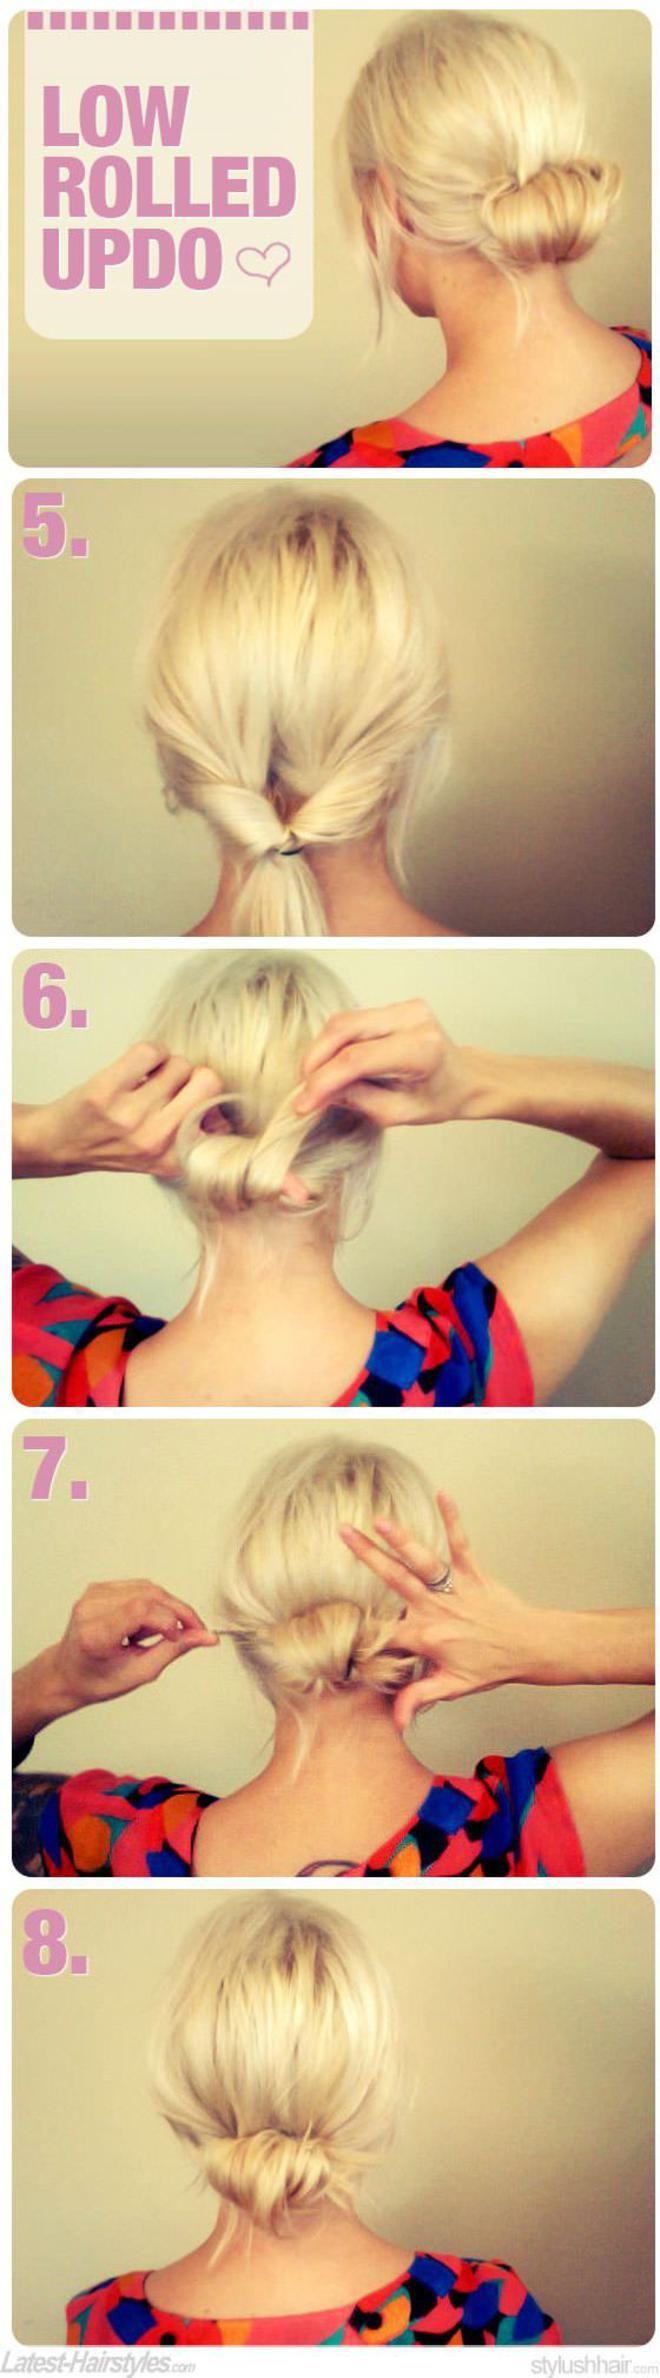 Jolies idées de coiffures rapides pour les filles aux